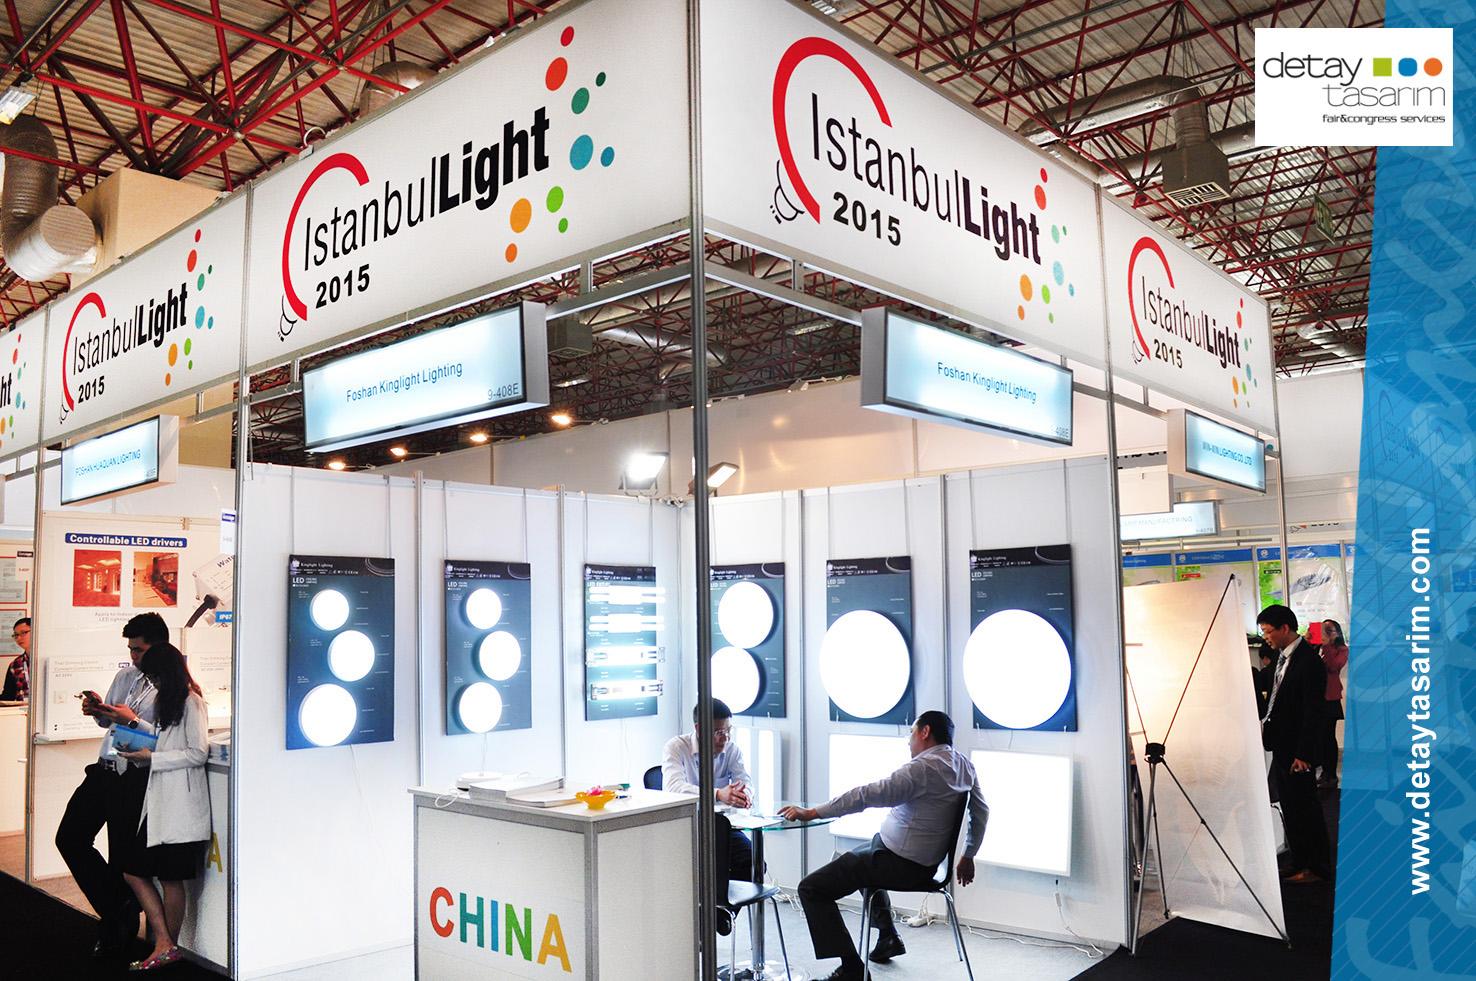 Exhibition Stand Quotation Format : Fair stand design turkey detaytasarım exhibition stand services